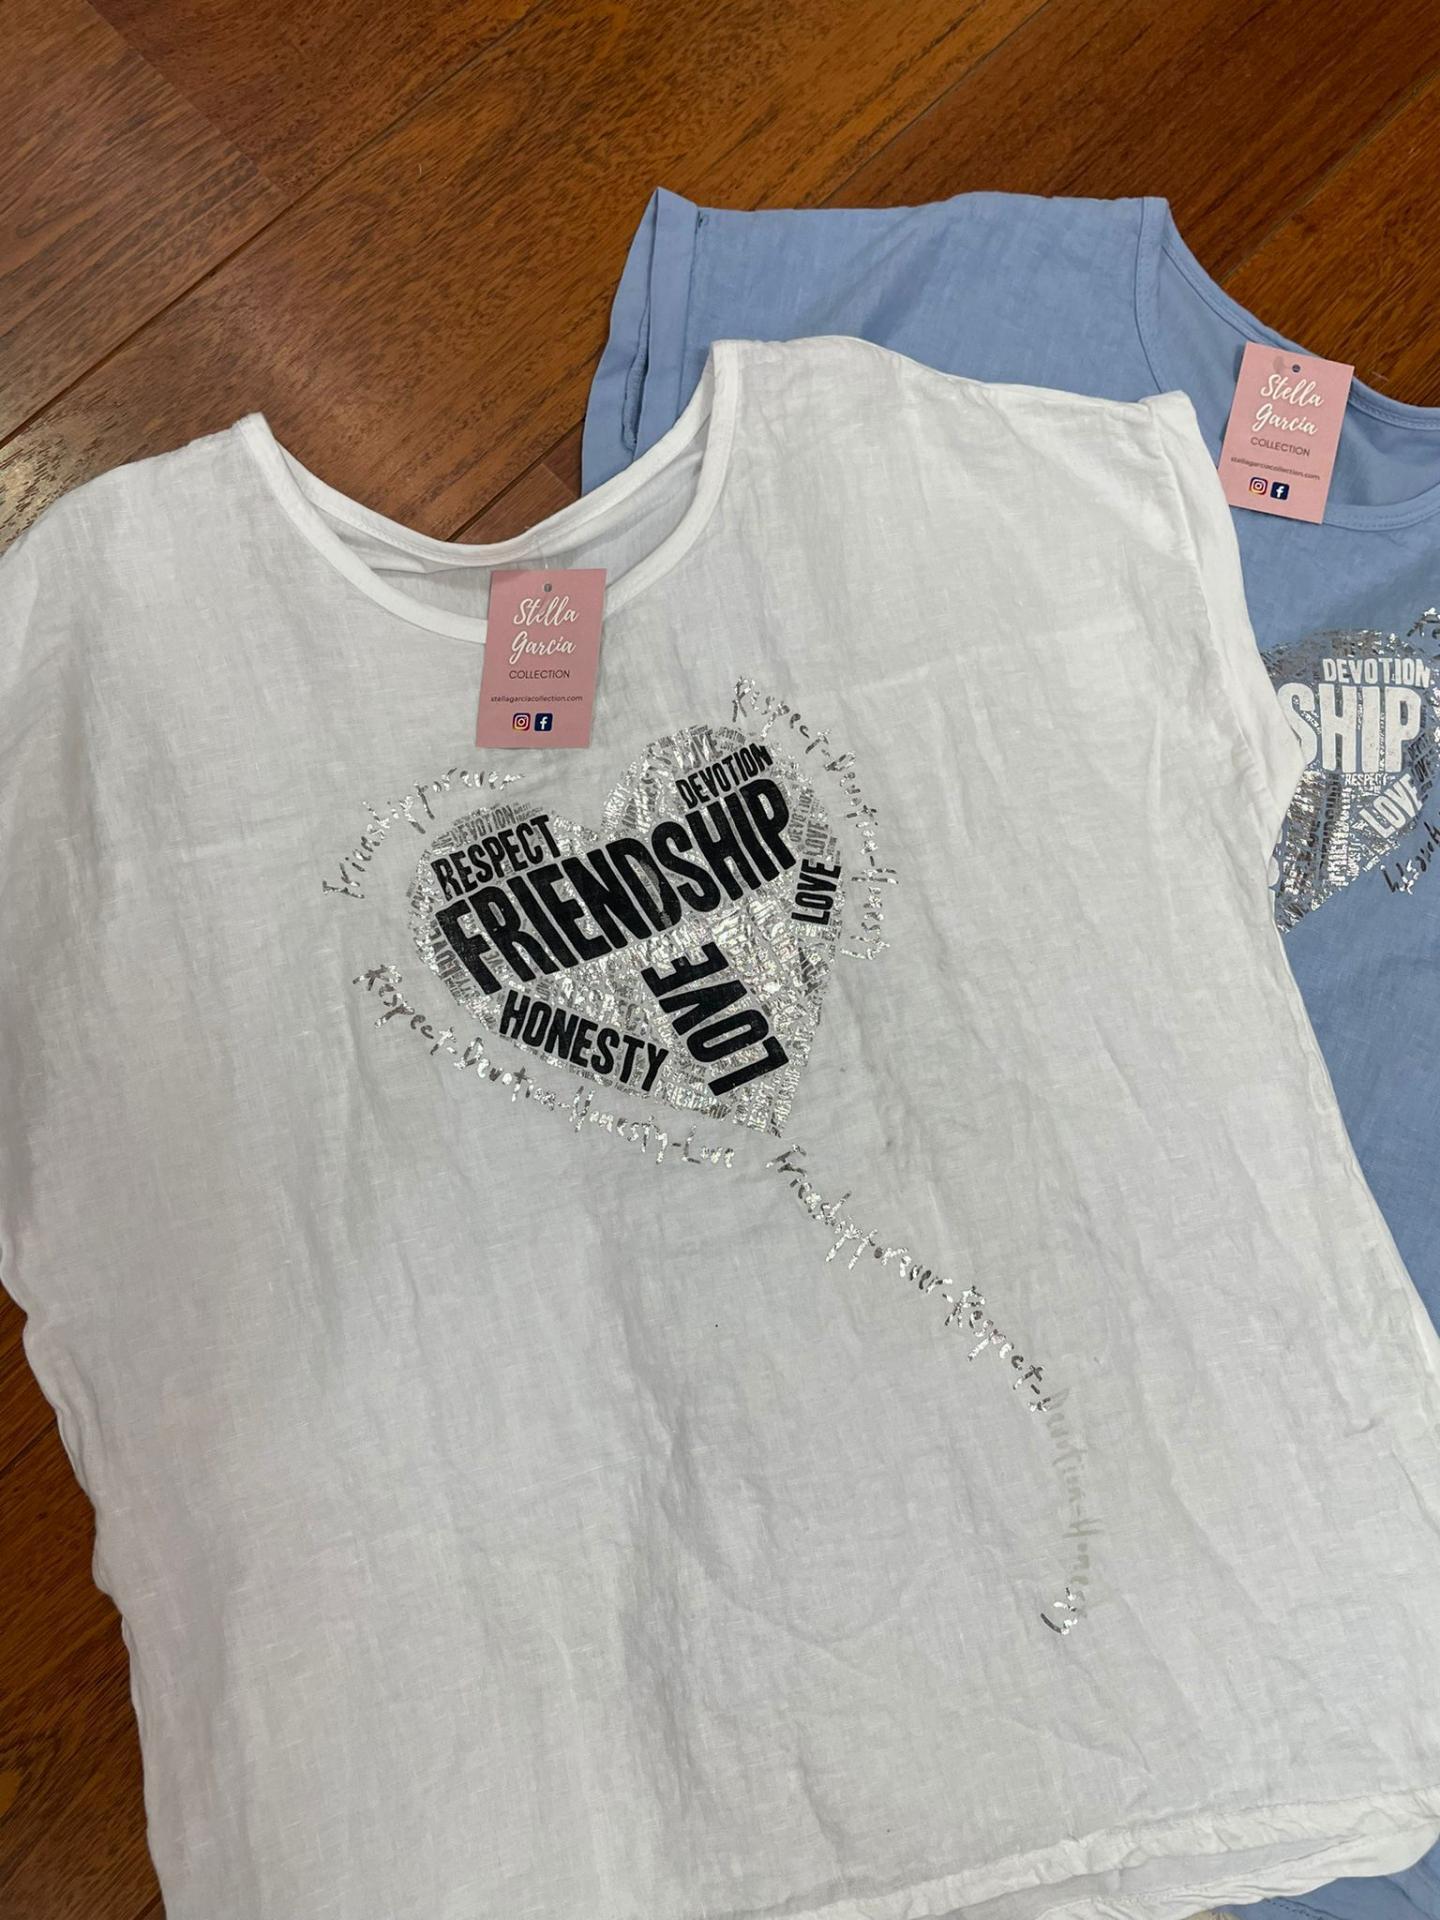 Camiseta Talla Grande Friend en Blanco, Celeste, Beige y Azul